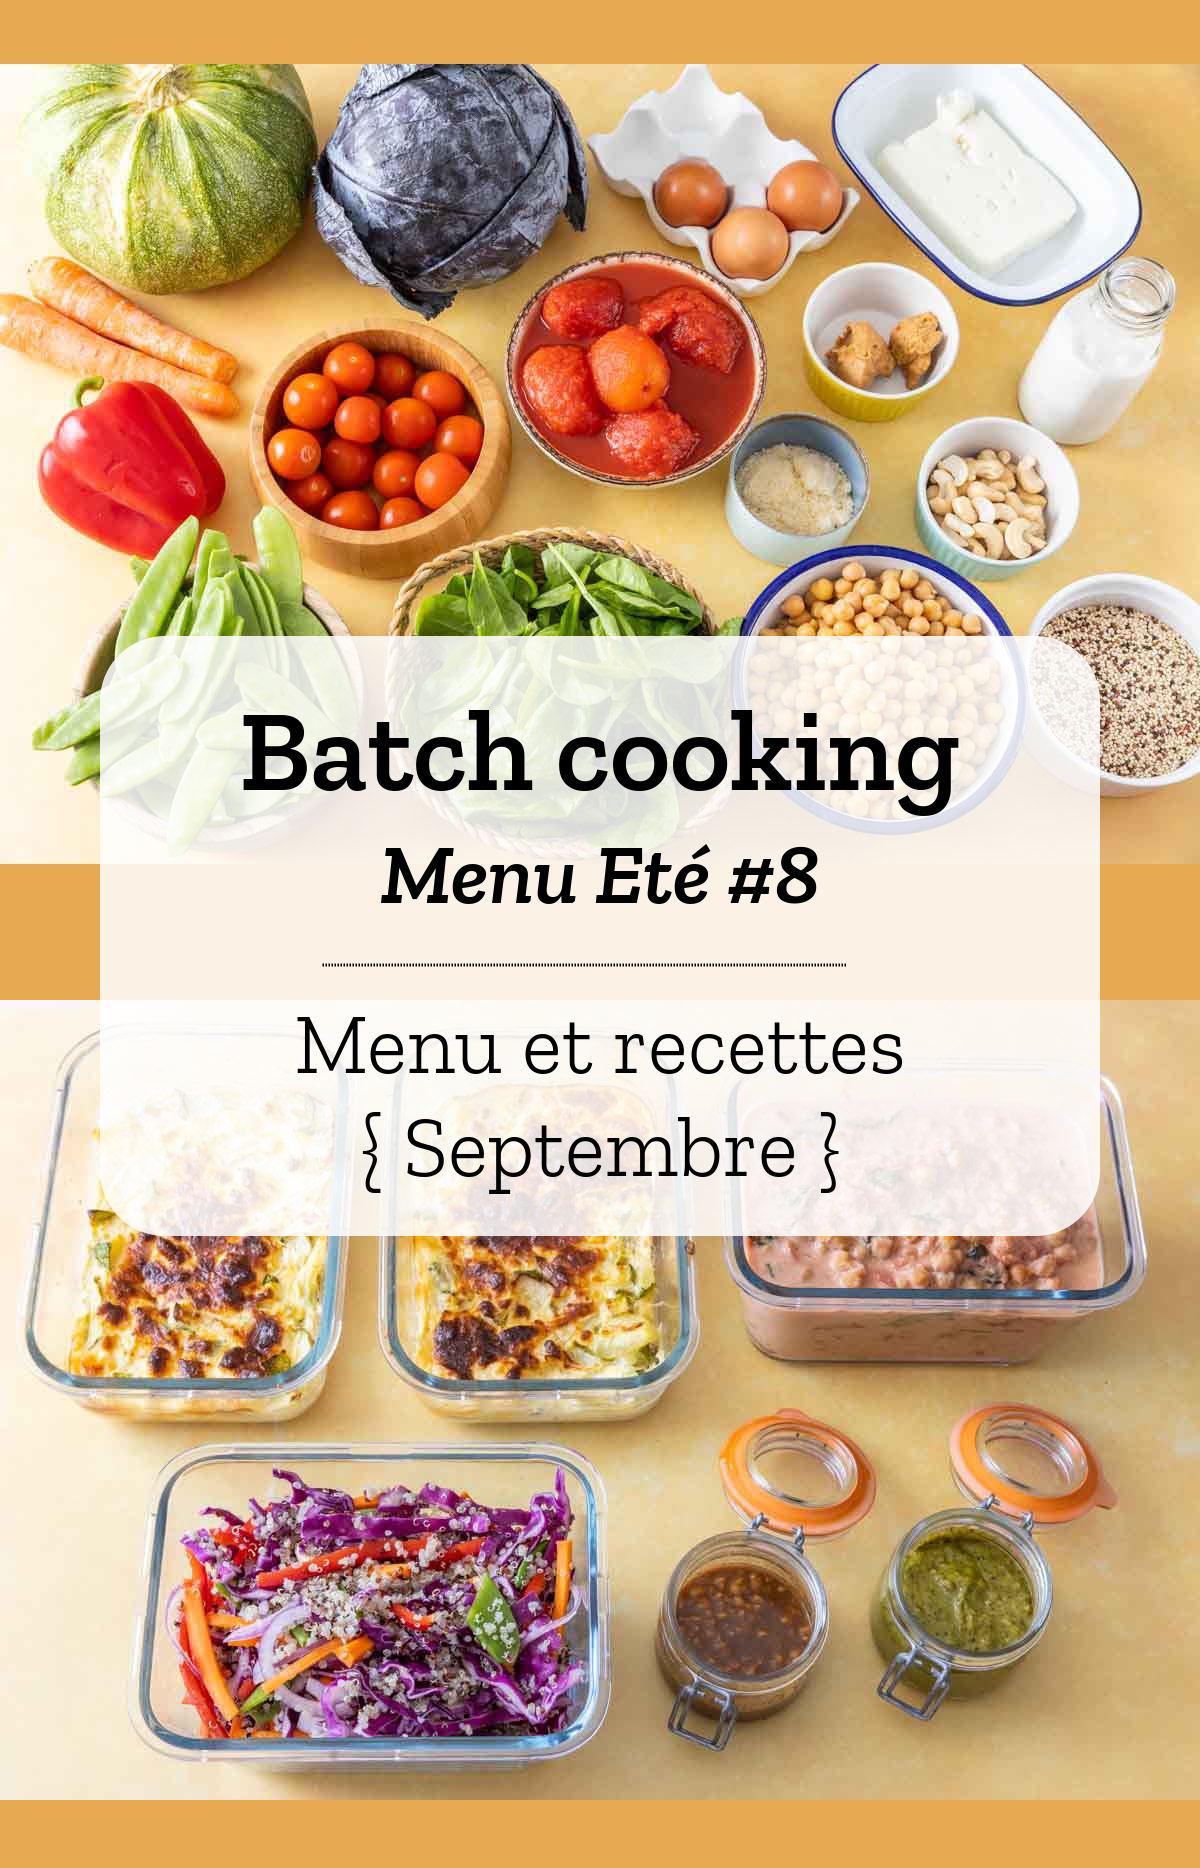 Batch cooking Eté #8 – Semaine du 9 au 13 septembre 2019